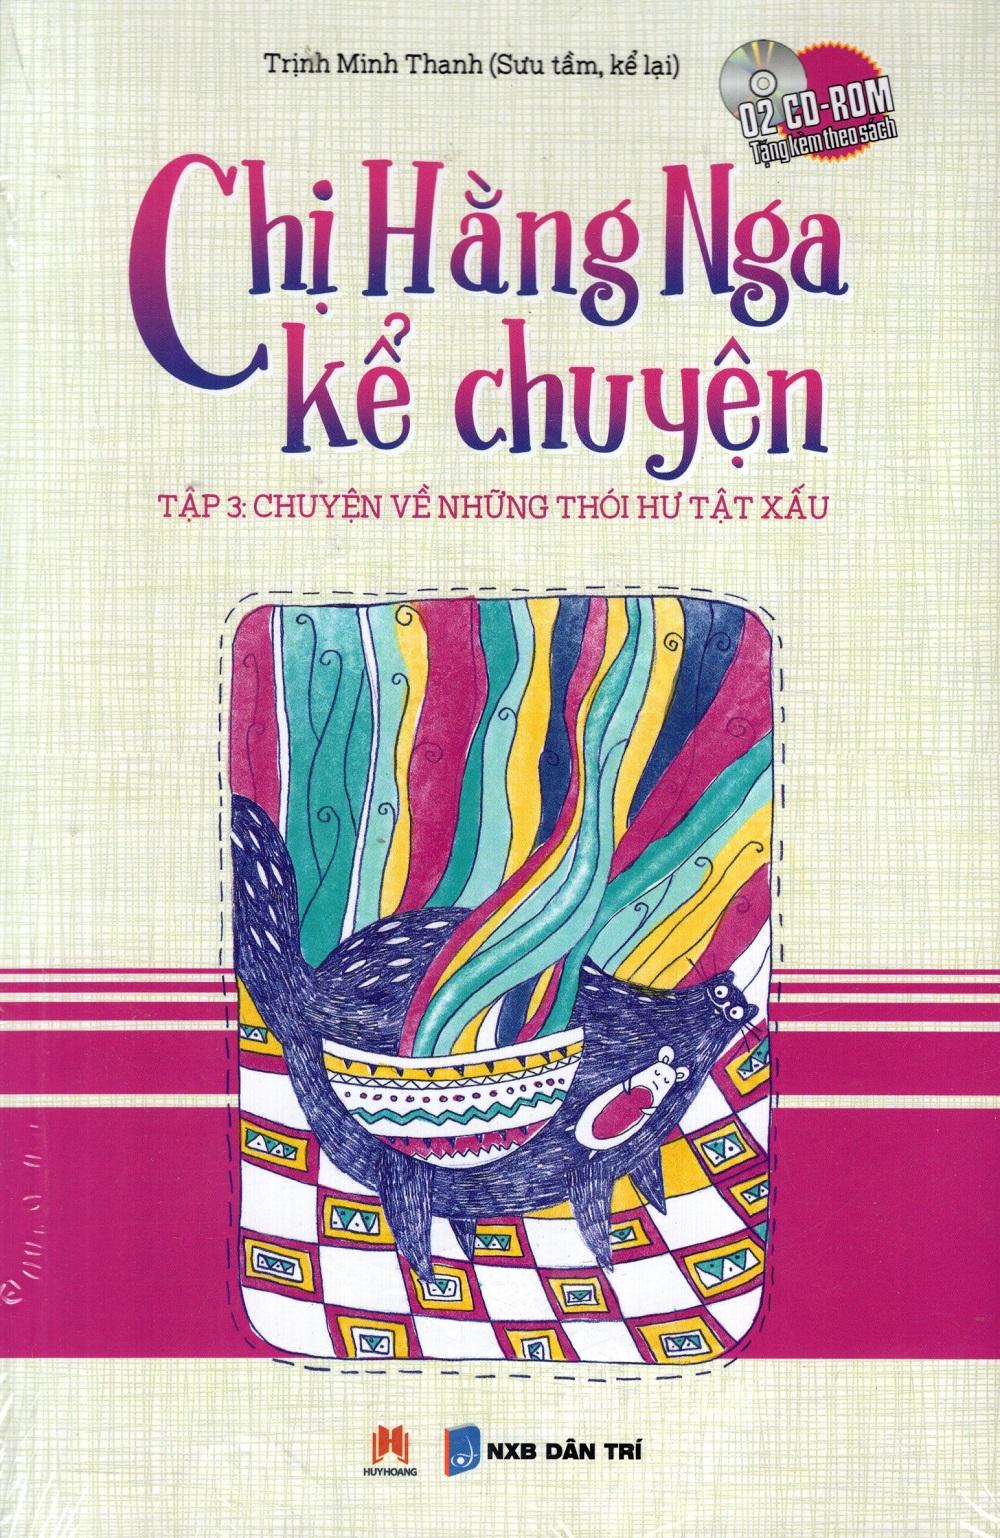 Bìa sách Chị Hằng Nga Kể Chuyện - Tập 3 (Kèm CD)